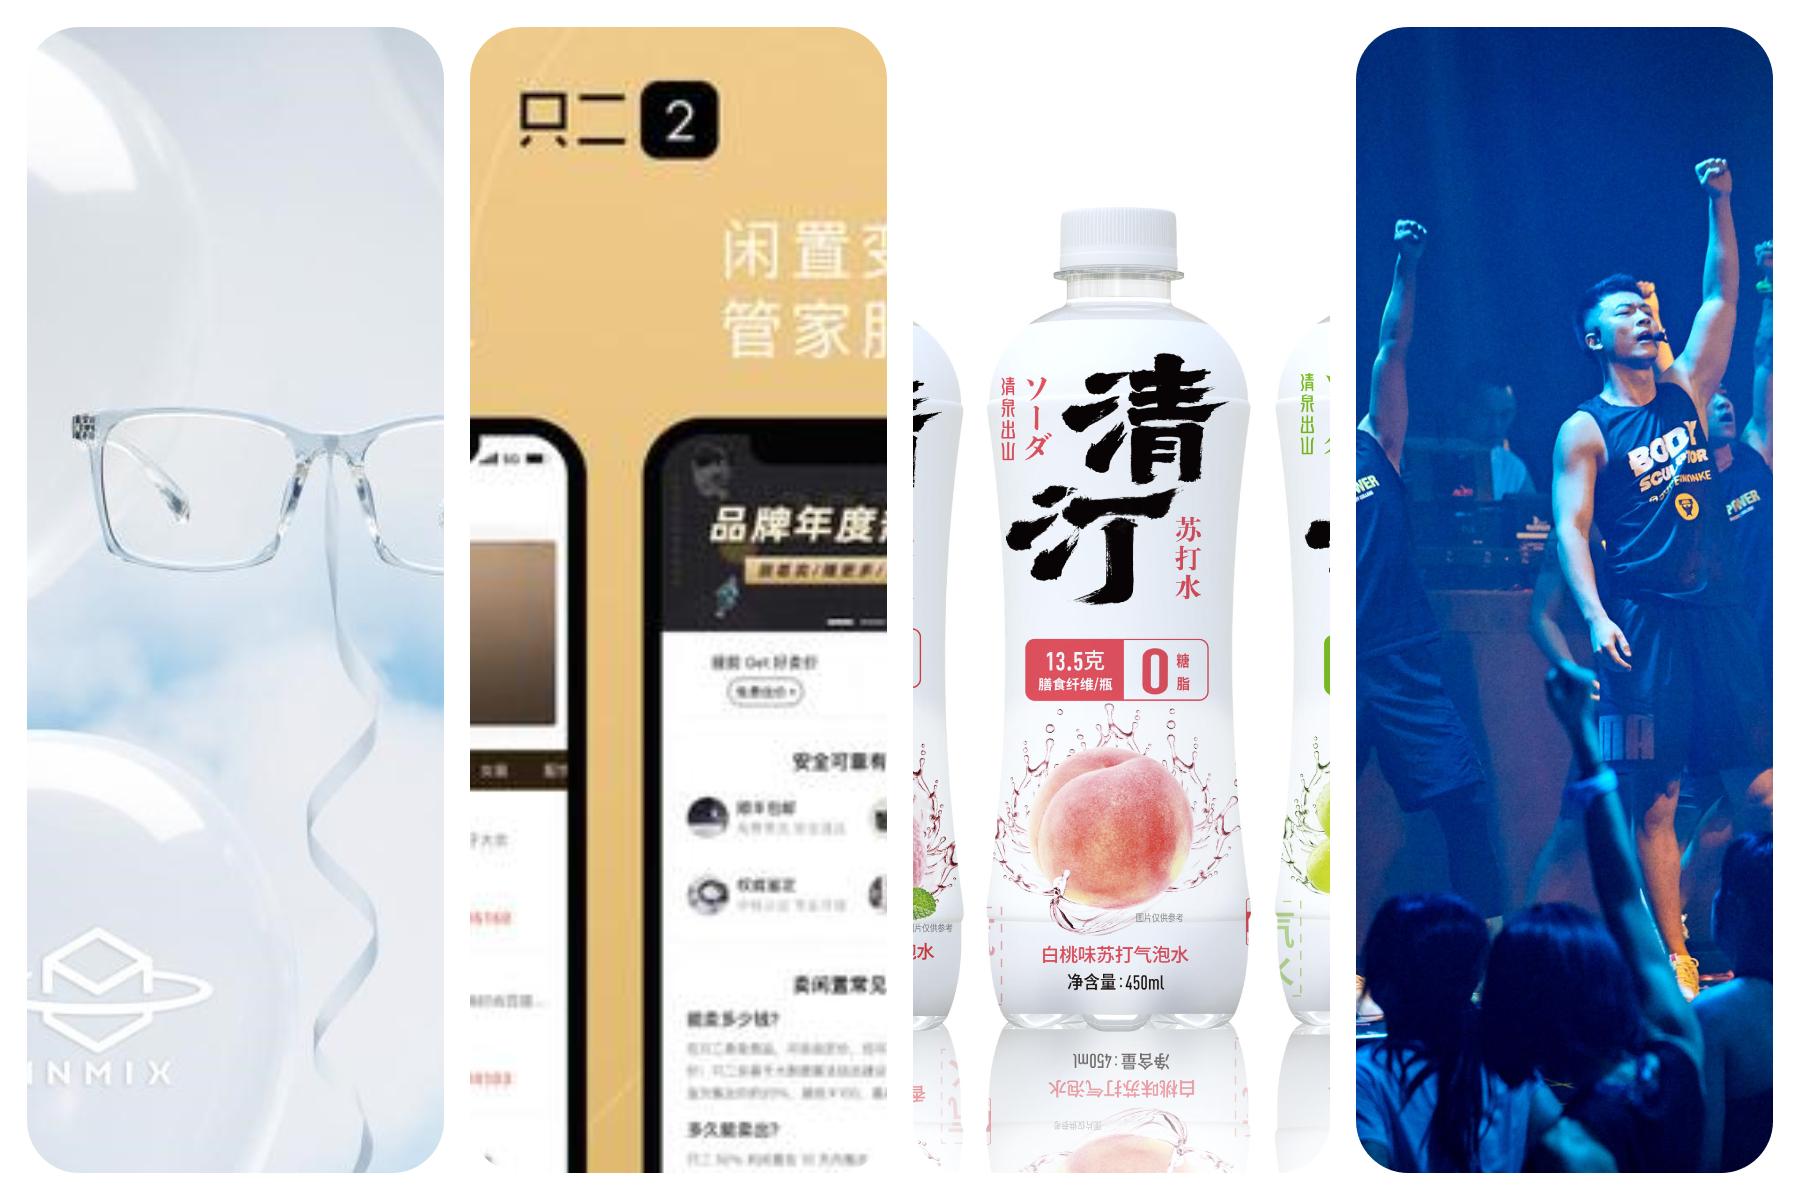 【华丽中国投资周报】2021年第17期:11家中国时尚消费企业完成新一轮融资